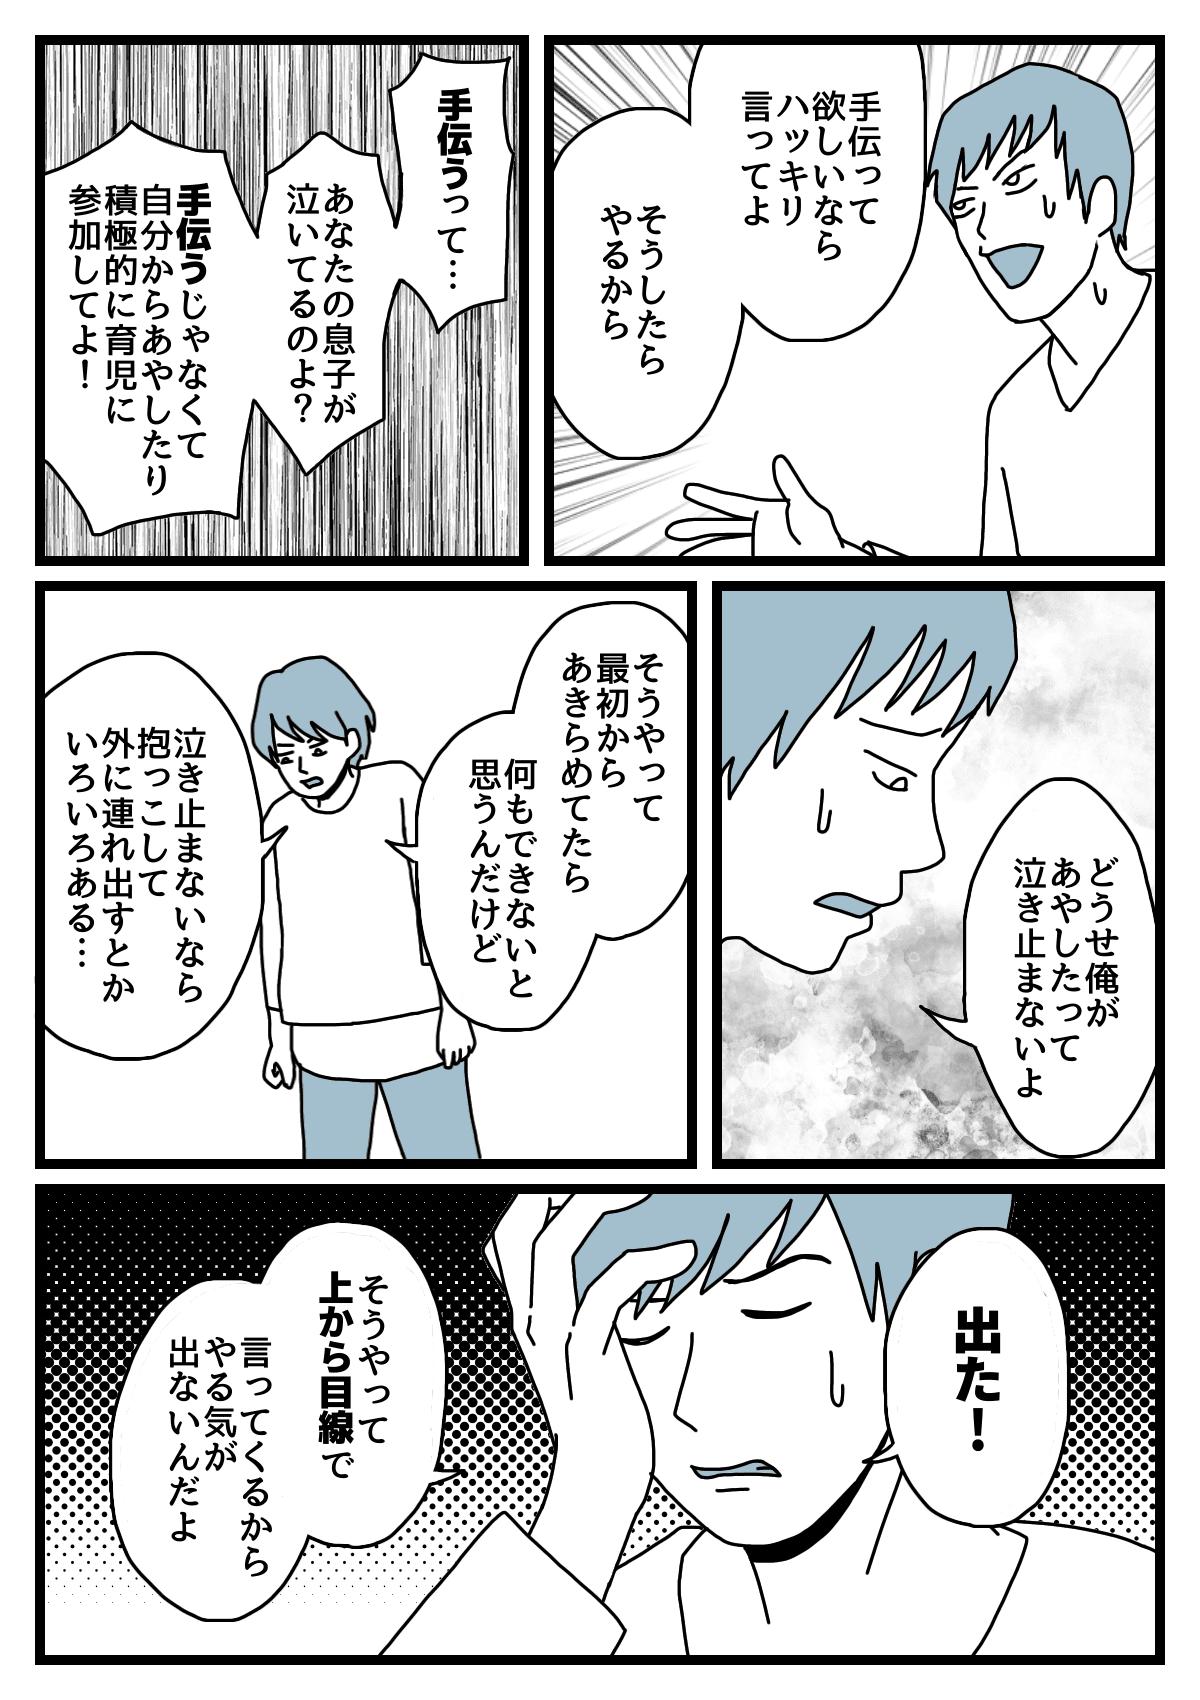 【後編】ソファ2